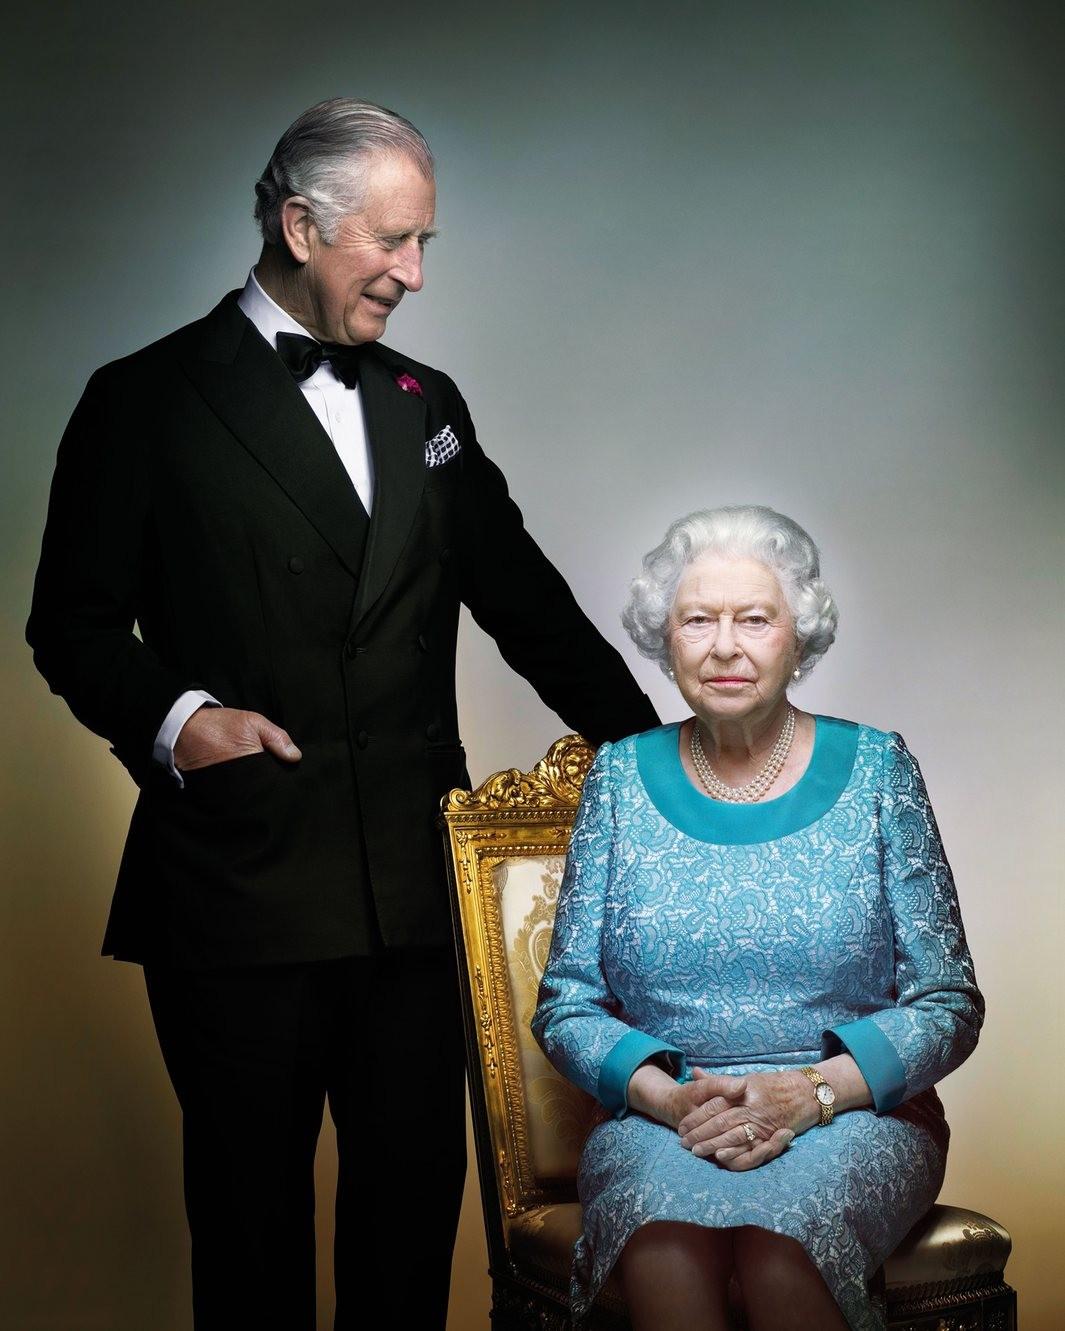 Букингемский дворец обнародовал фото ЕлизаветыII кее90-летию